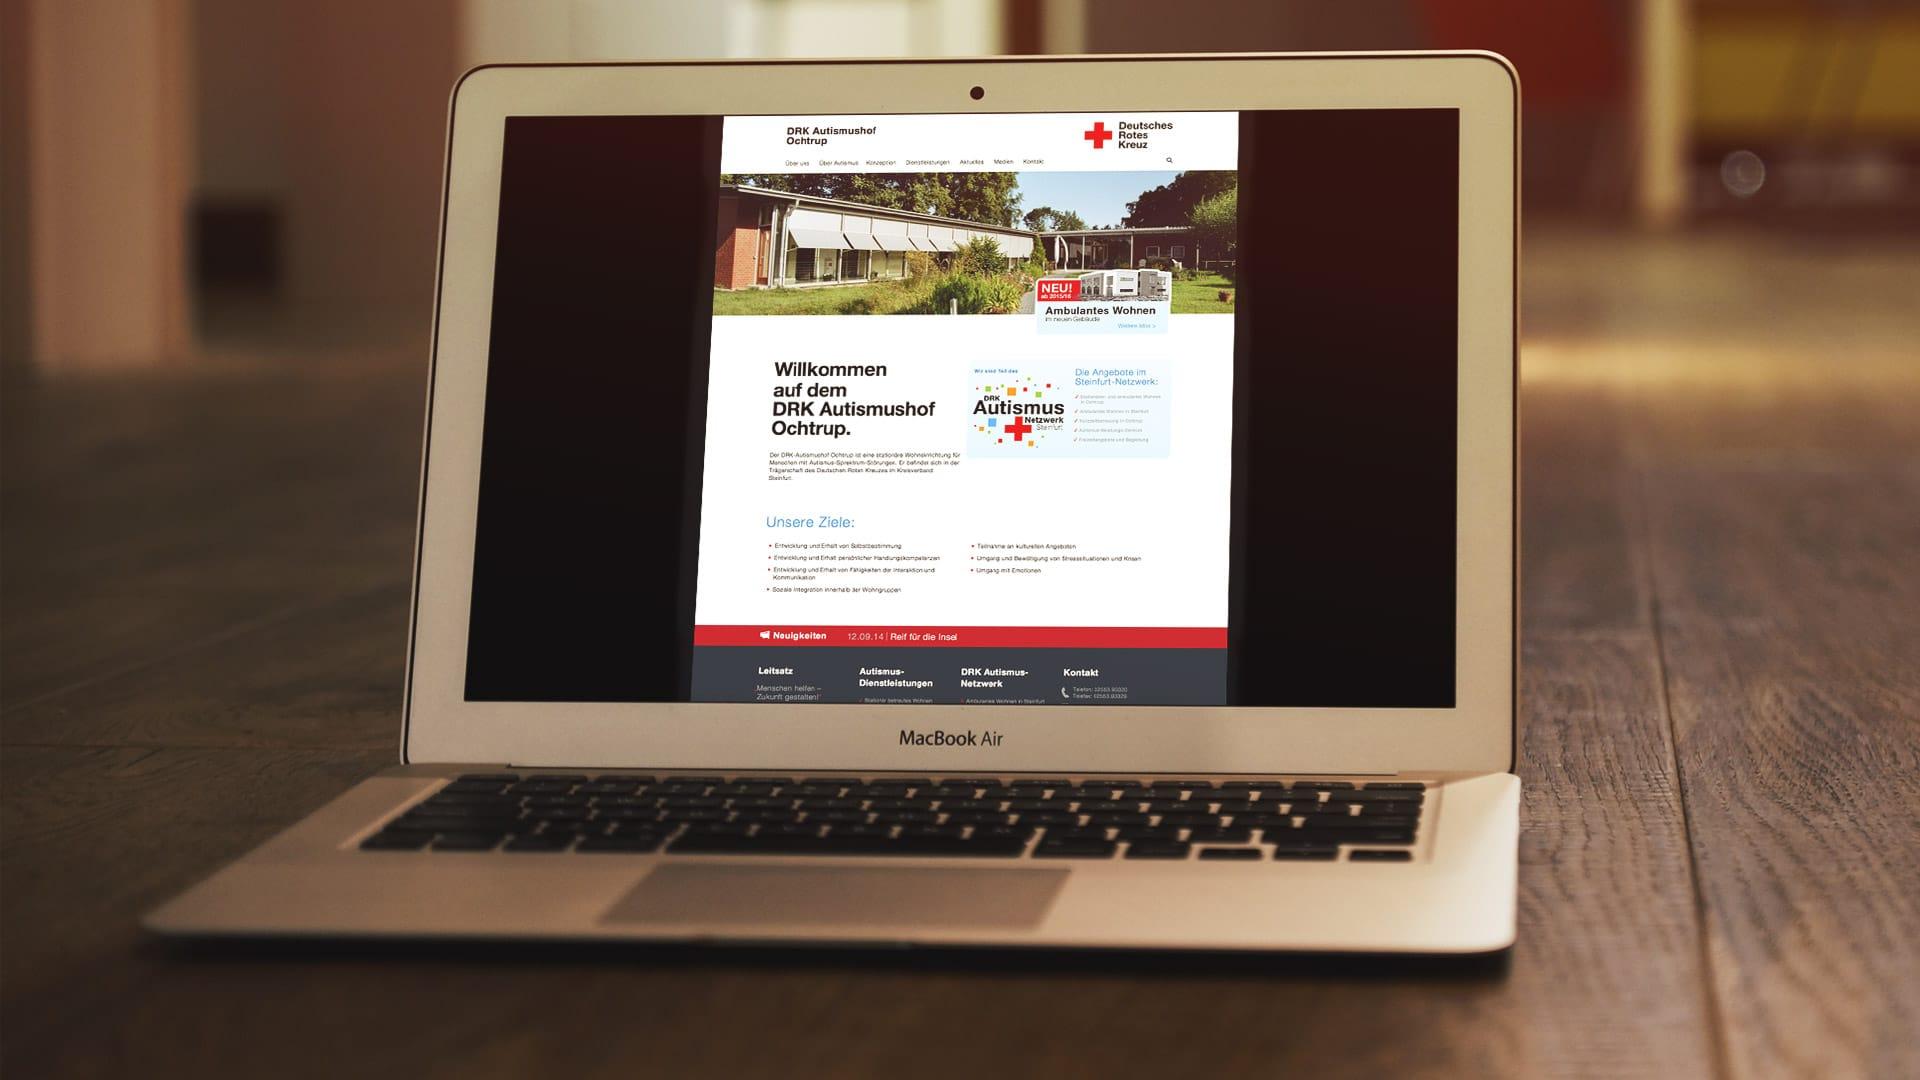 Website DRK Autismushof Ochtrup - Webdesign